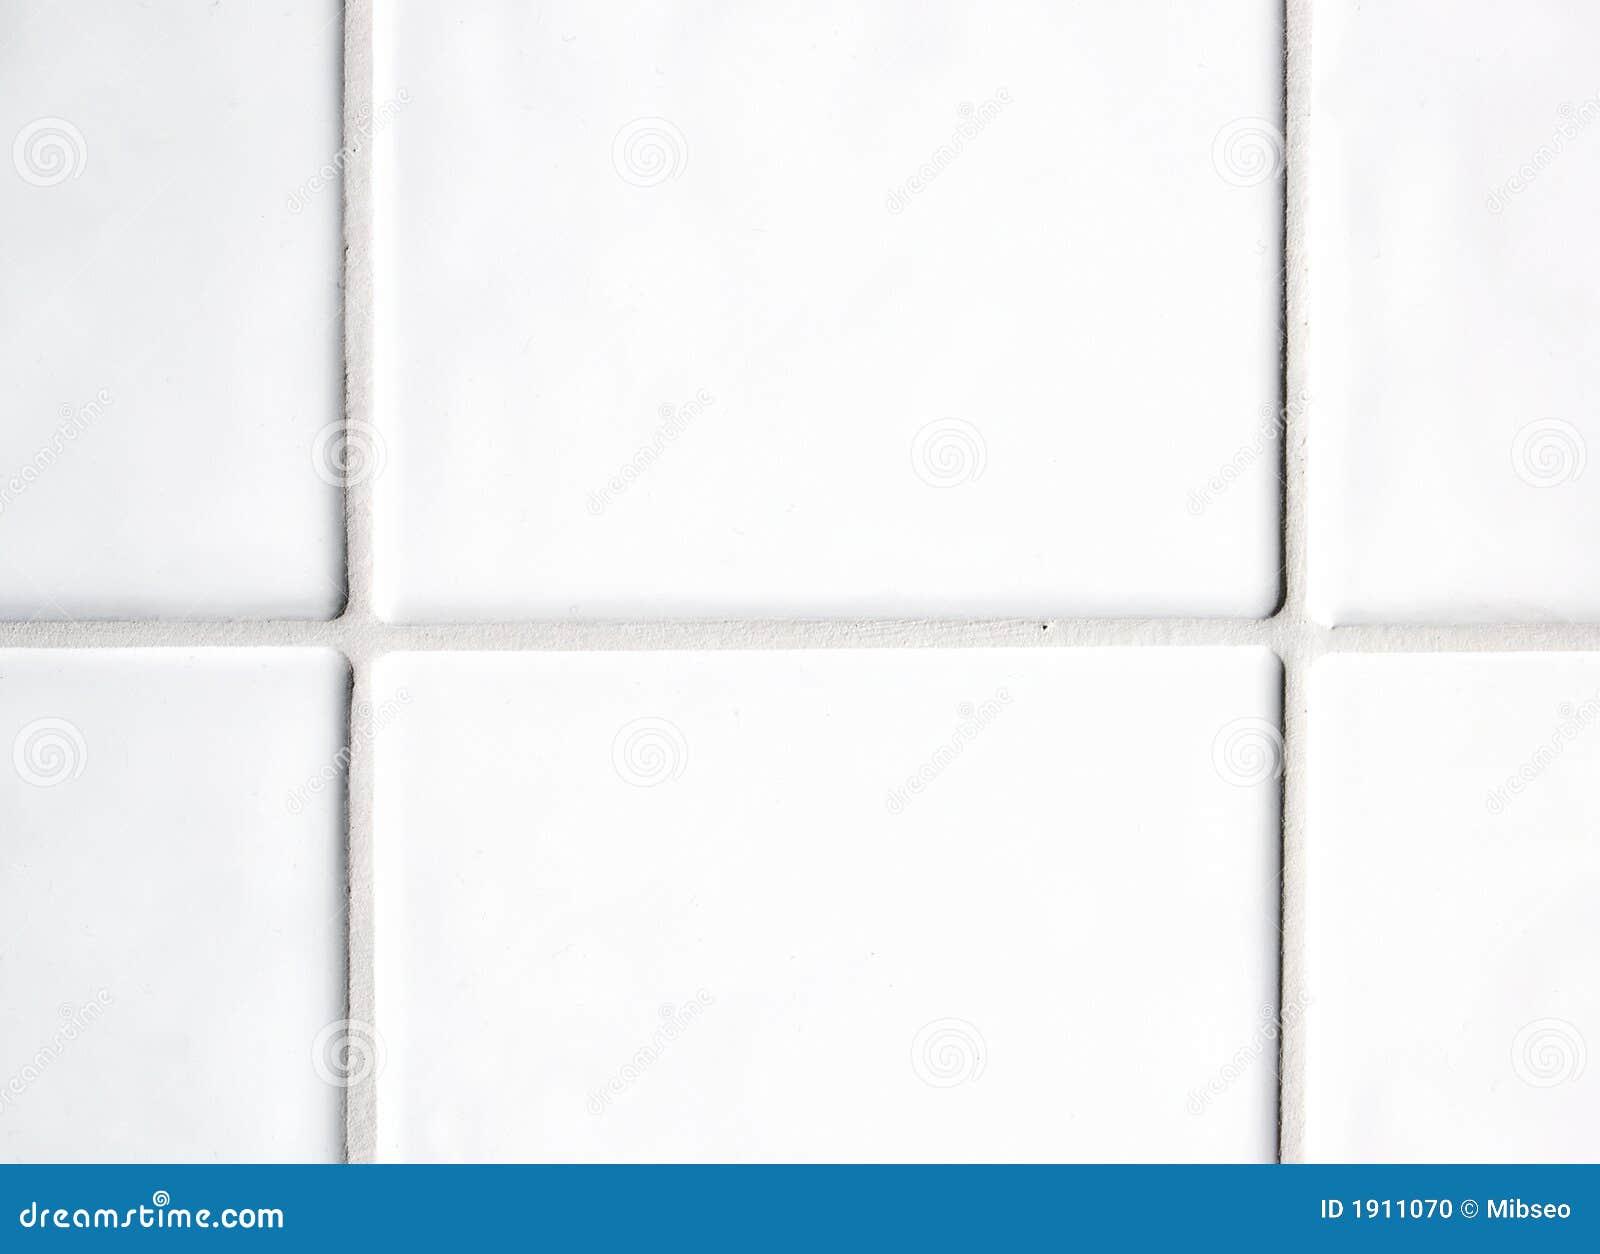 azulejos blancos foto de archivo imagen 1911070